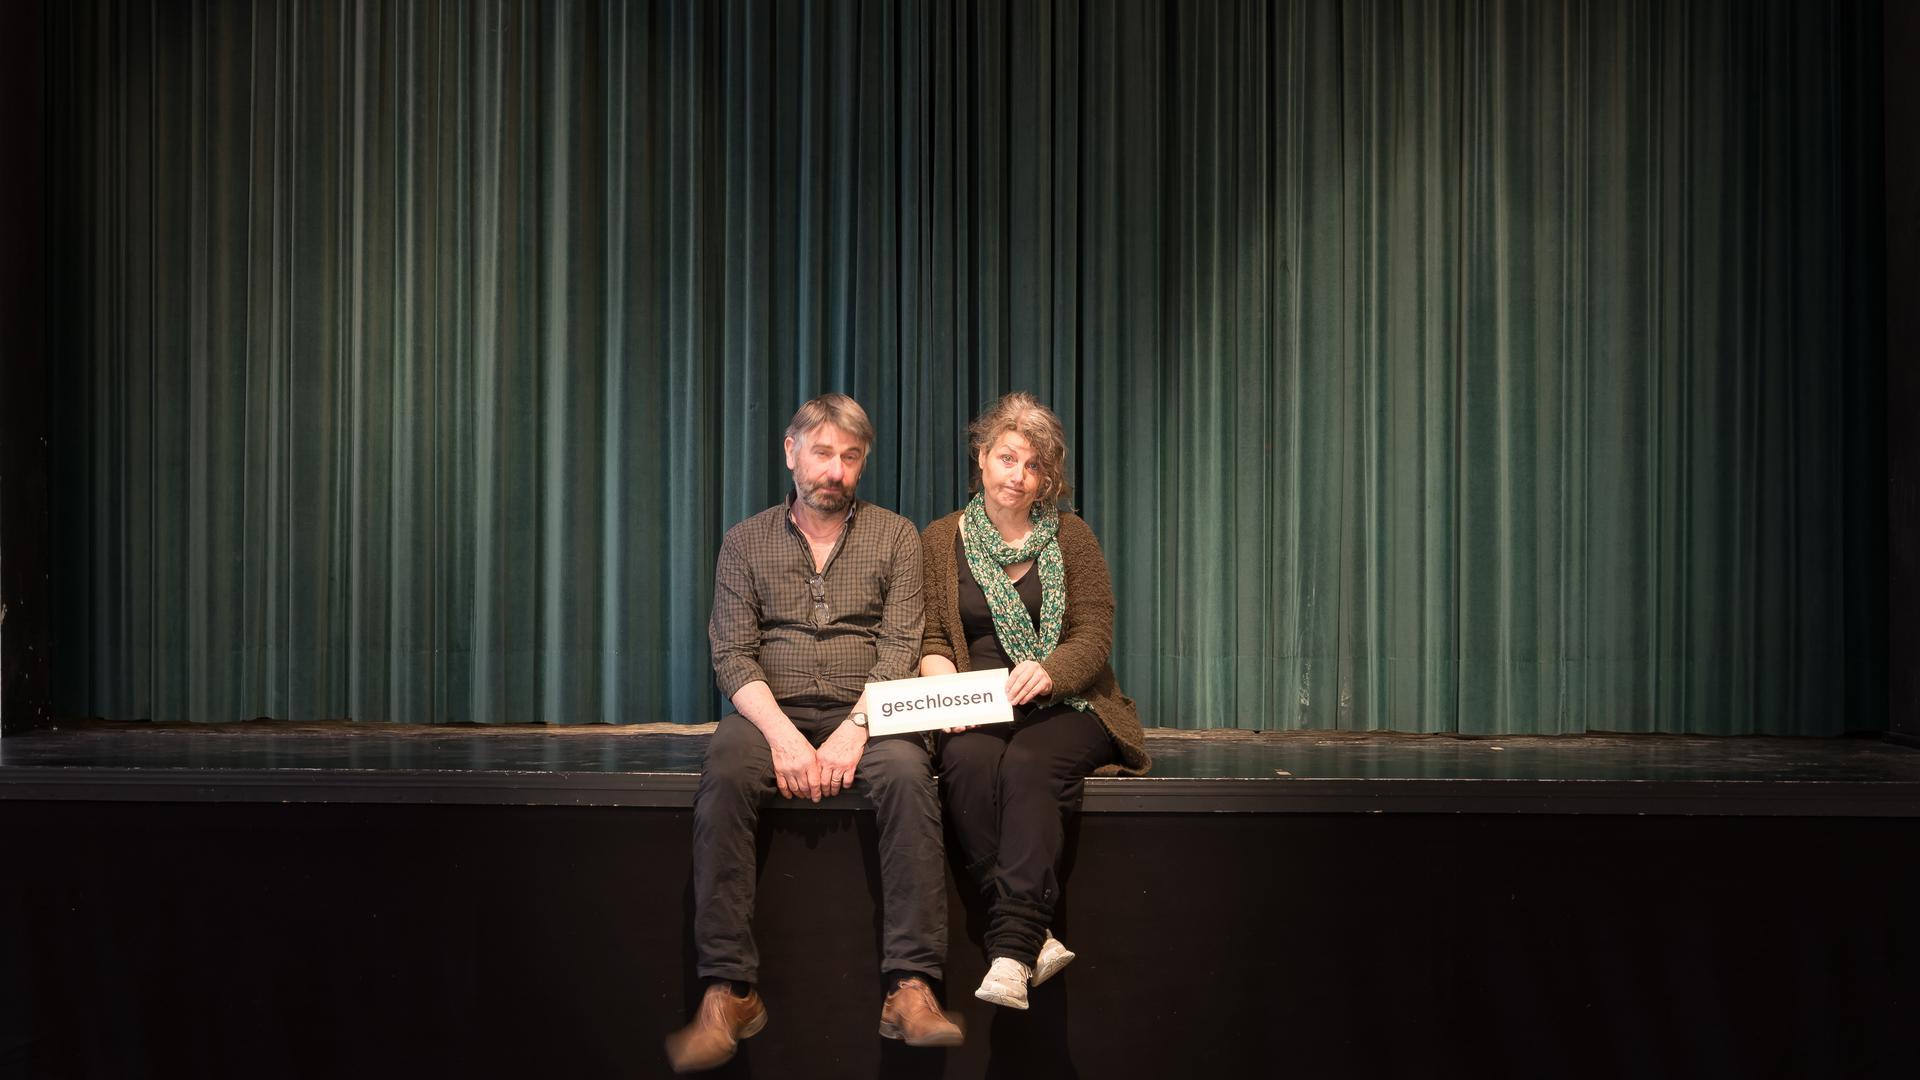 Kleinkunstbühne ohne Publikum: Matthias und Anne von der Vring nutzen die Zwangsschließung ihrer Kultureinrichtung für Umbauarbeiten.